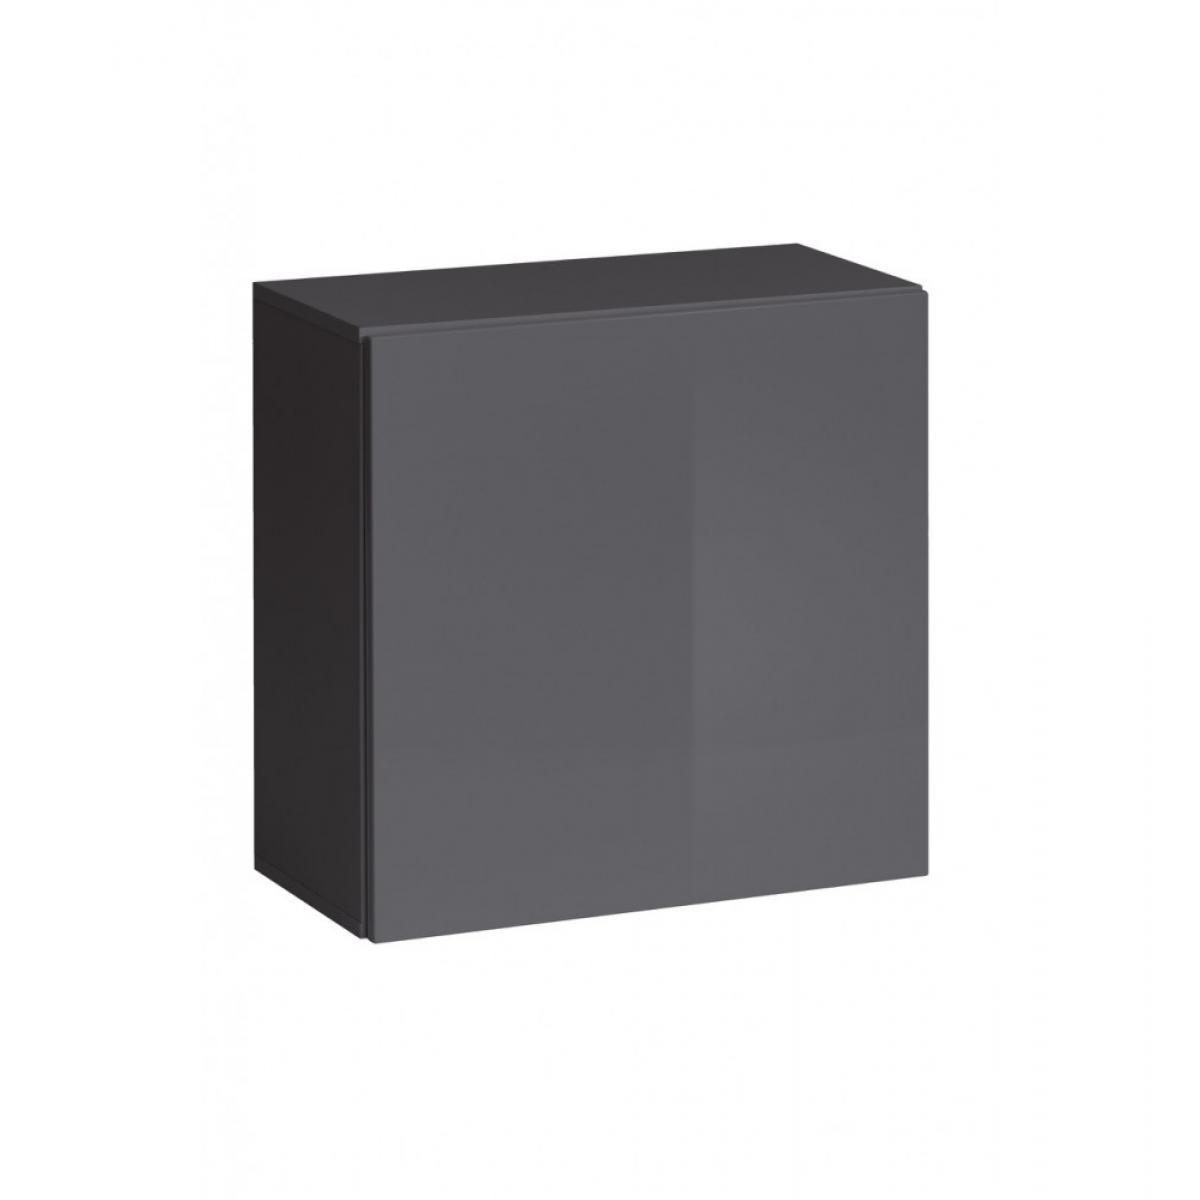 Ac-Deco Vitrine carrée - Switch SW 3 - L 60 cm x P 30 cm x H 60 cm - Graphite